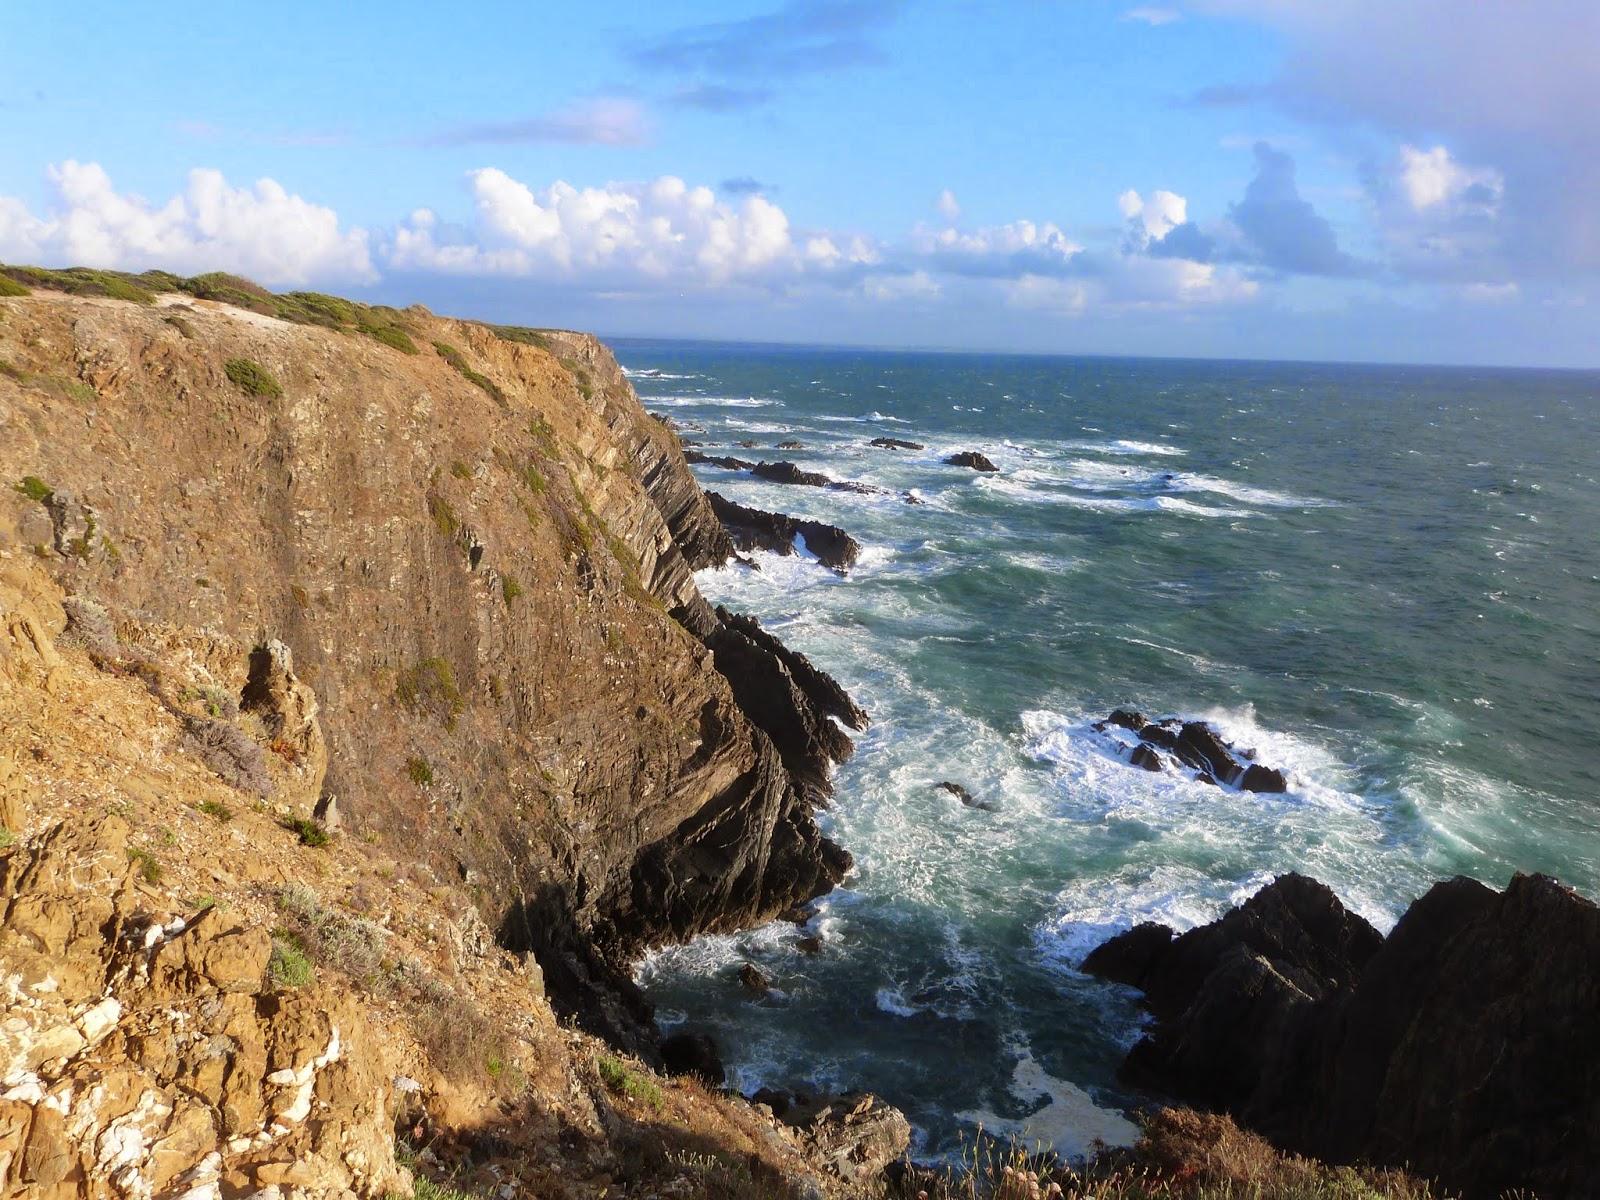 absoluta con el paisajes martimo y terrestre no es posible quedarse impasible observando estos acantilados caer sobre la serenidad del mar